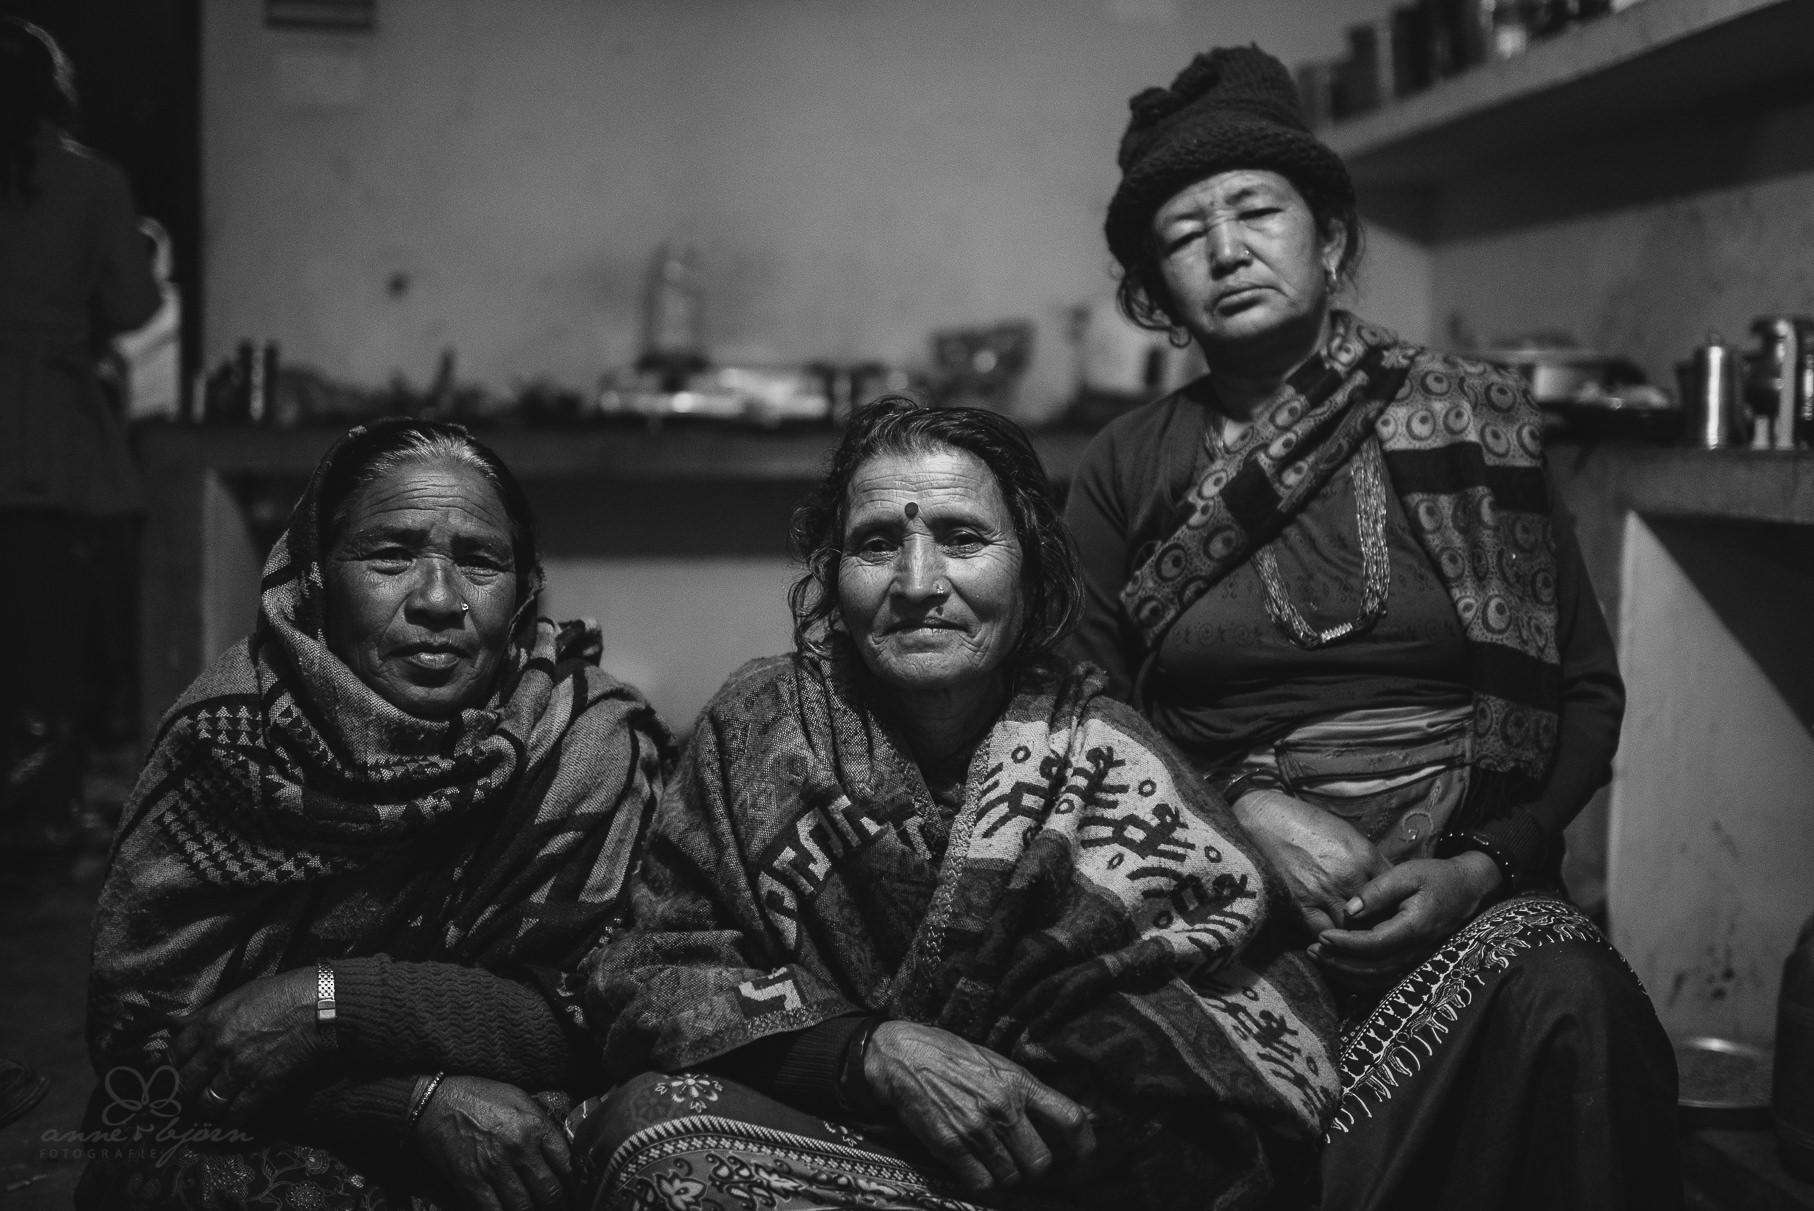 0043 anne und bjoern chitwan nationalpark nepal d75 4312 2 - Nepal Teil 3 - Roadtrip, Chitwan Nationalpark und eine spontane Hochzeit